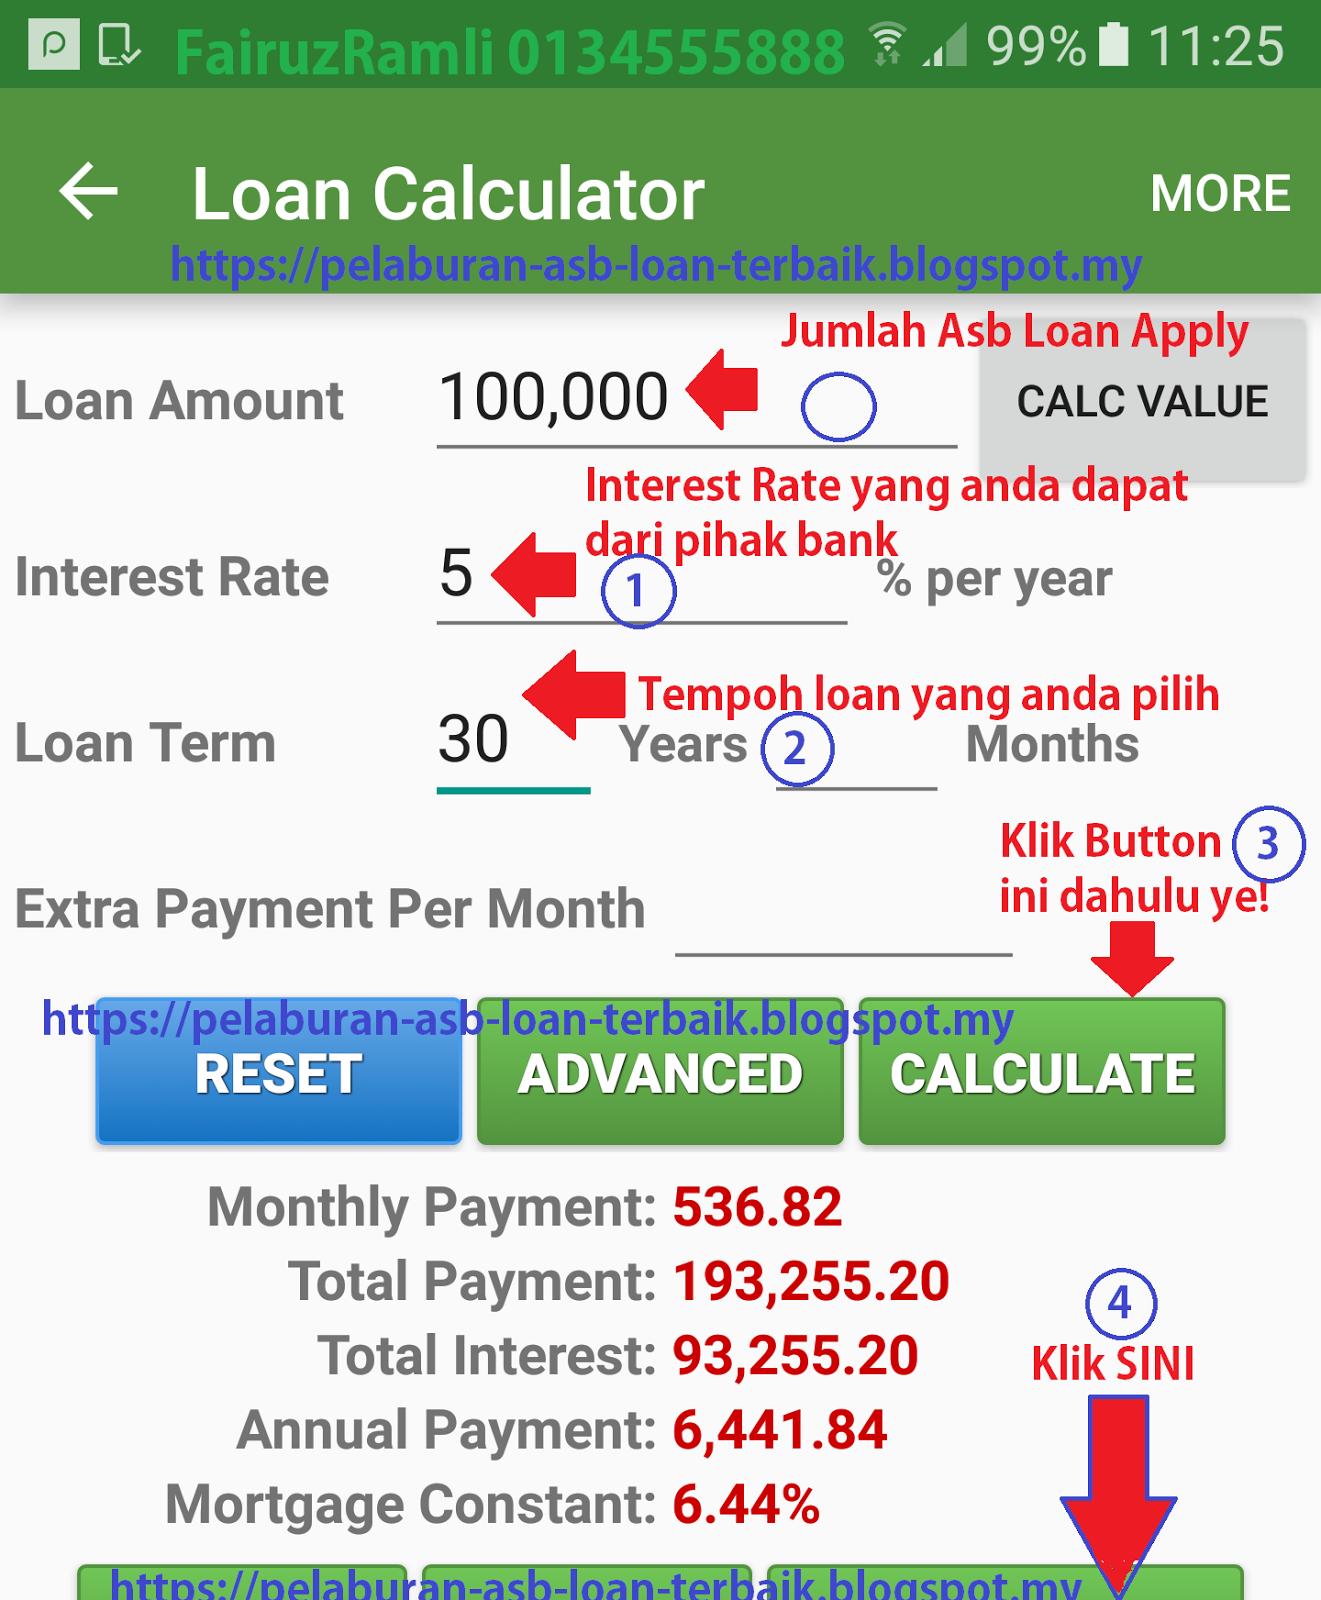 Cara Kira Cash Value Bila Cancel Asb Loan Asb Loan Teknik Asb Loan Pelaburan Asb Loan